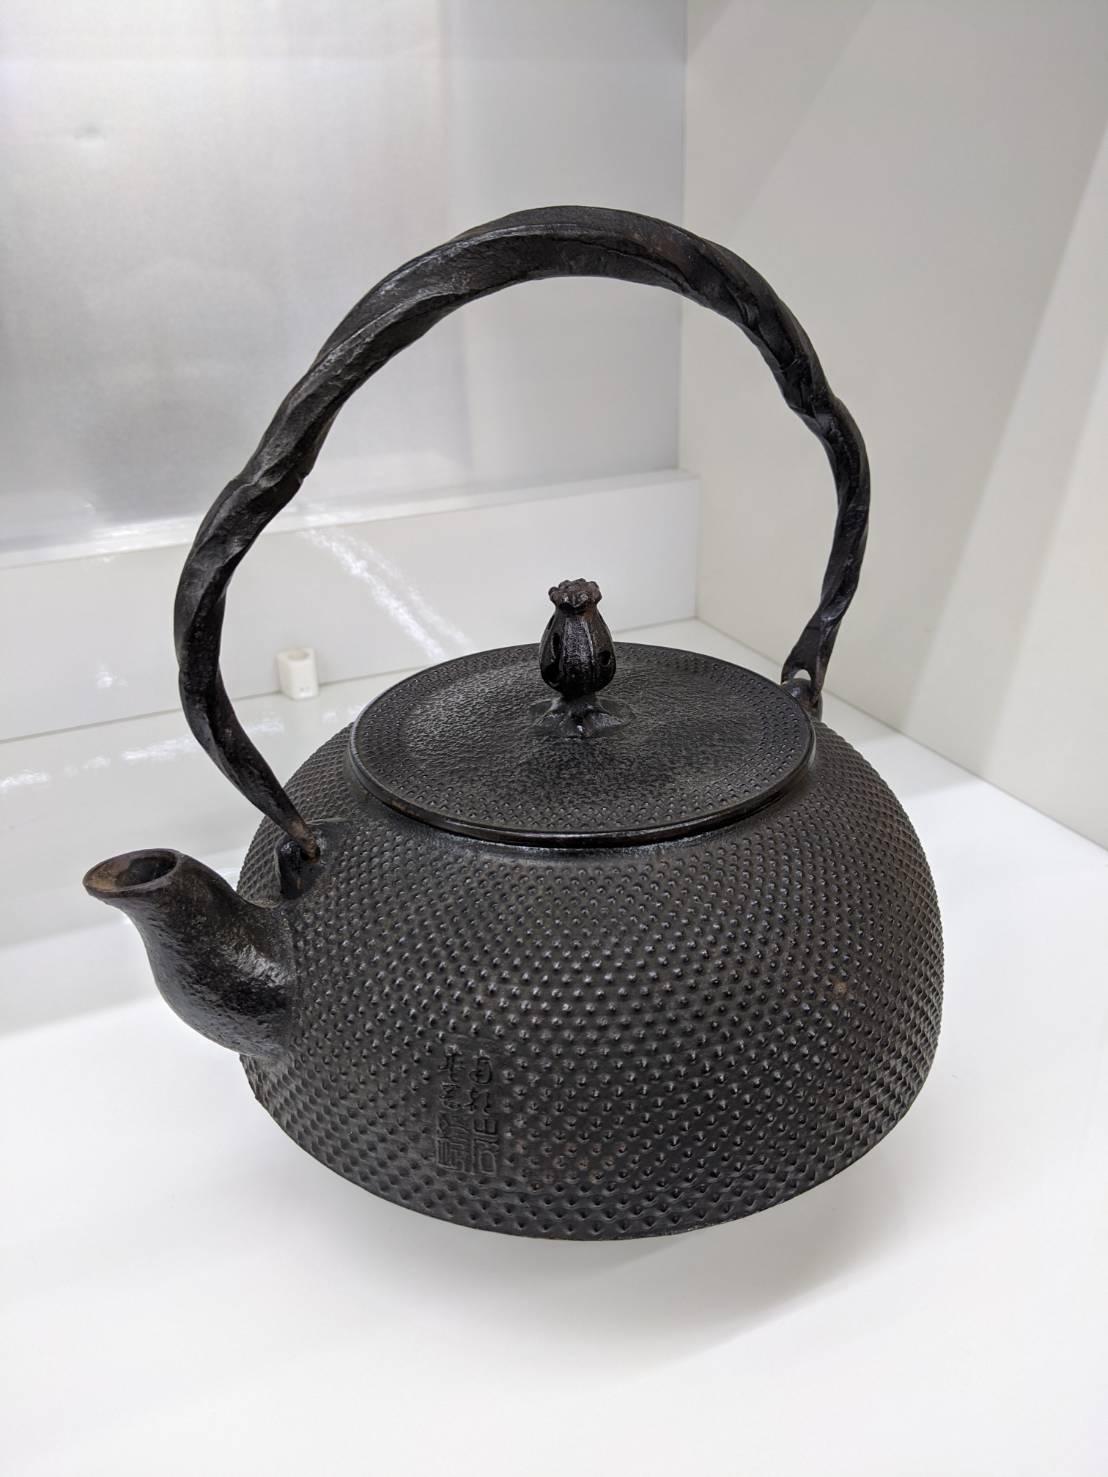 【南部鉄器 岩鋳 鉄瓶 急須 茶道具 煎茶】を買取いたしました!の買取-